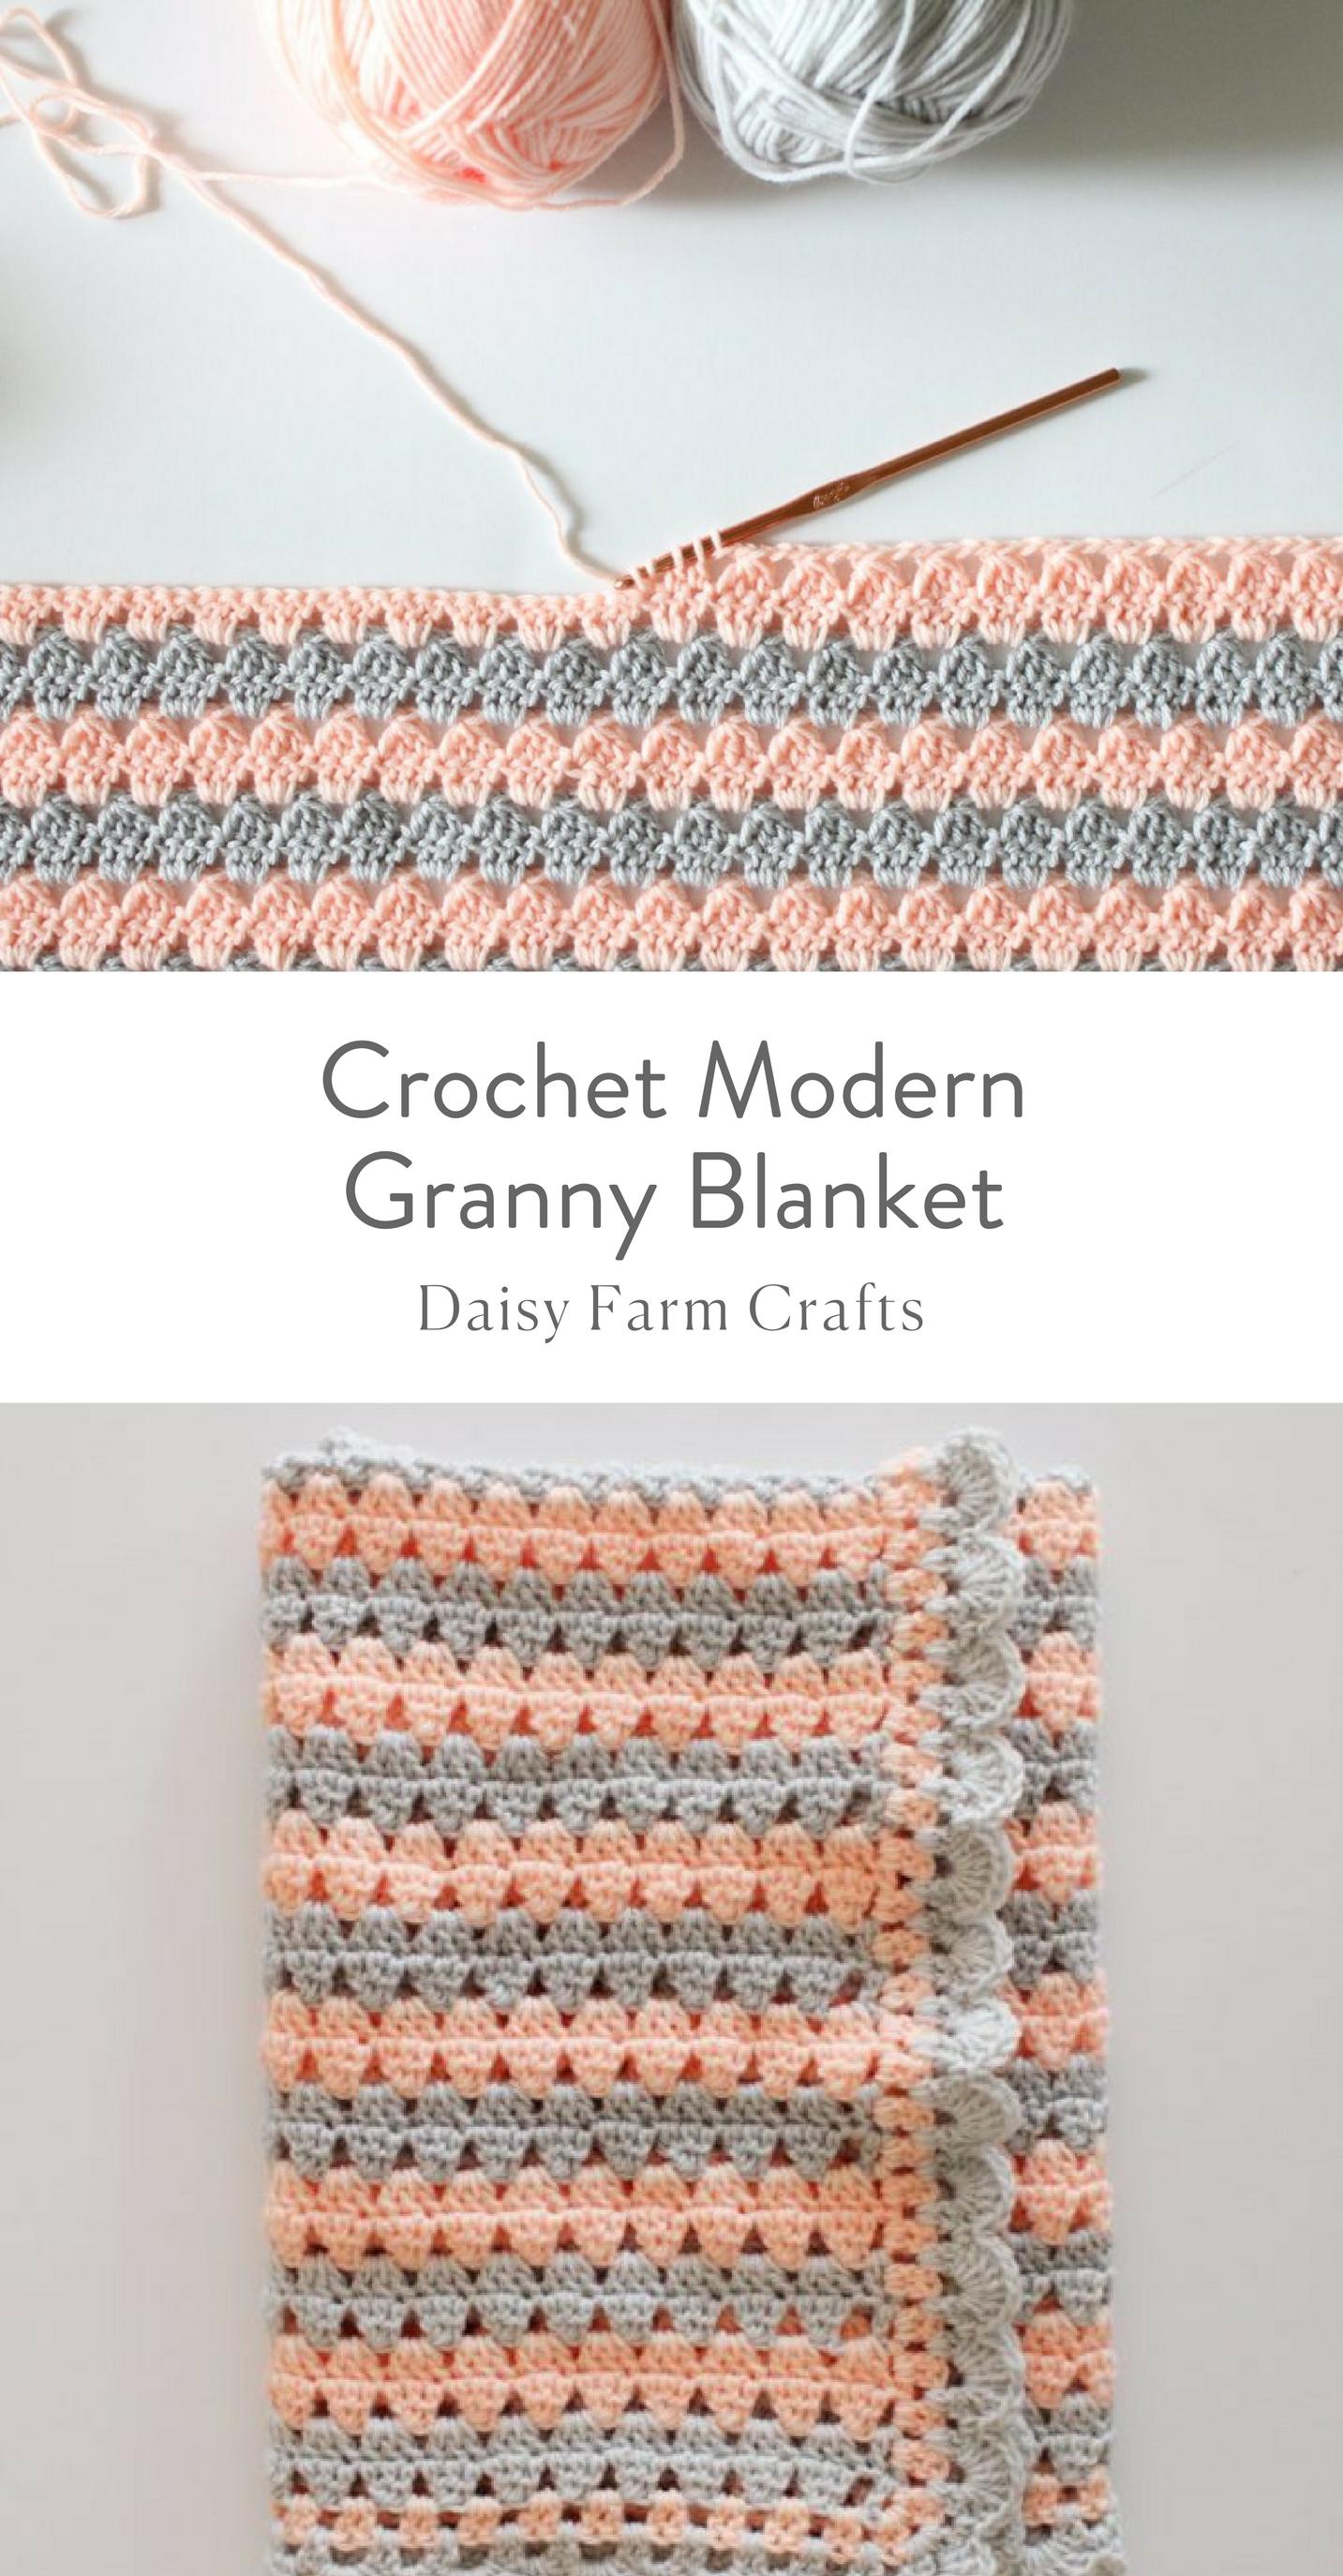 Free Pattern - Crochet Modern Granny Blanket #crochetafghans ...